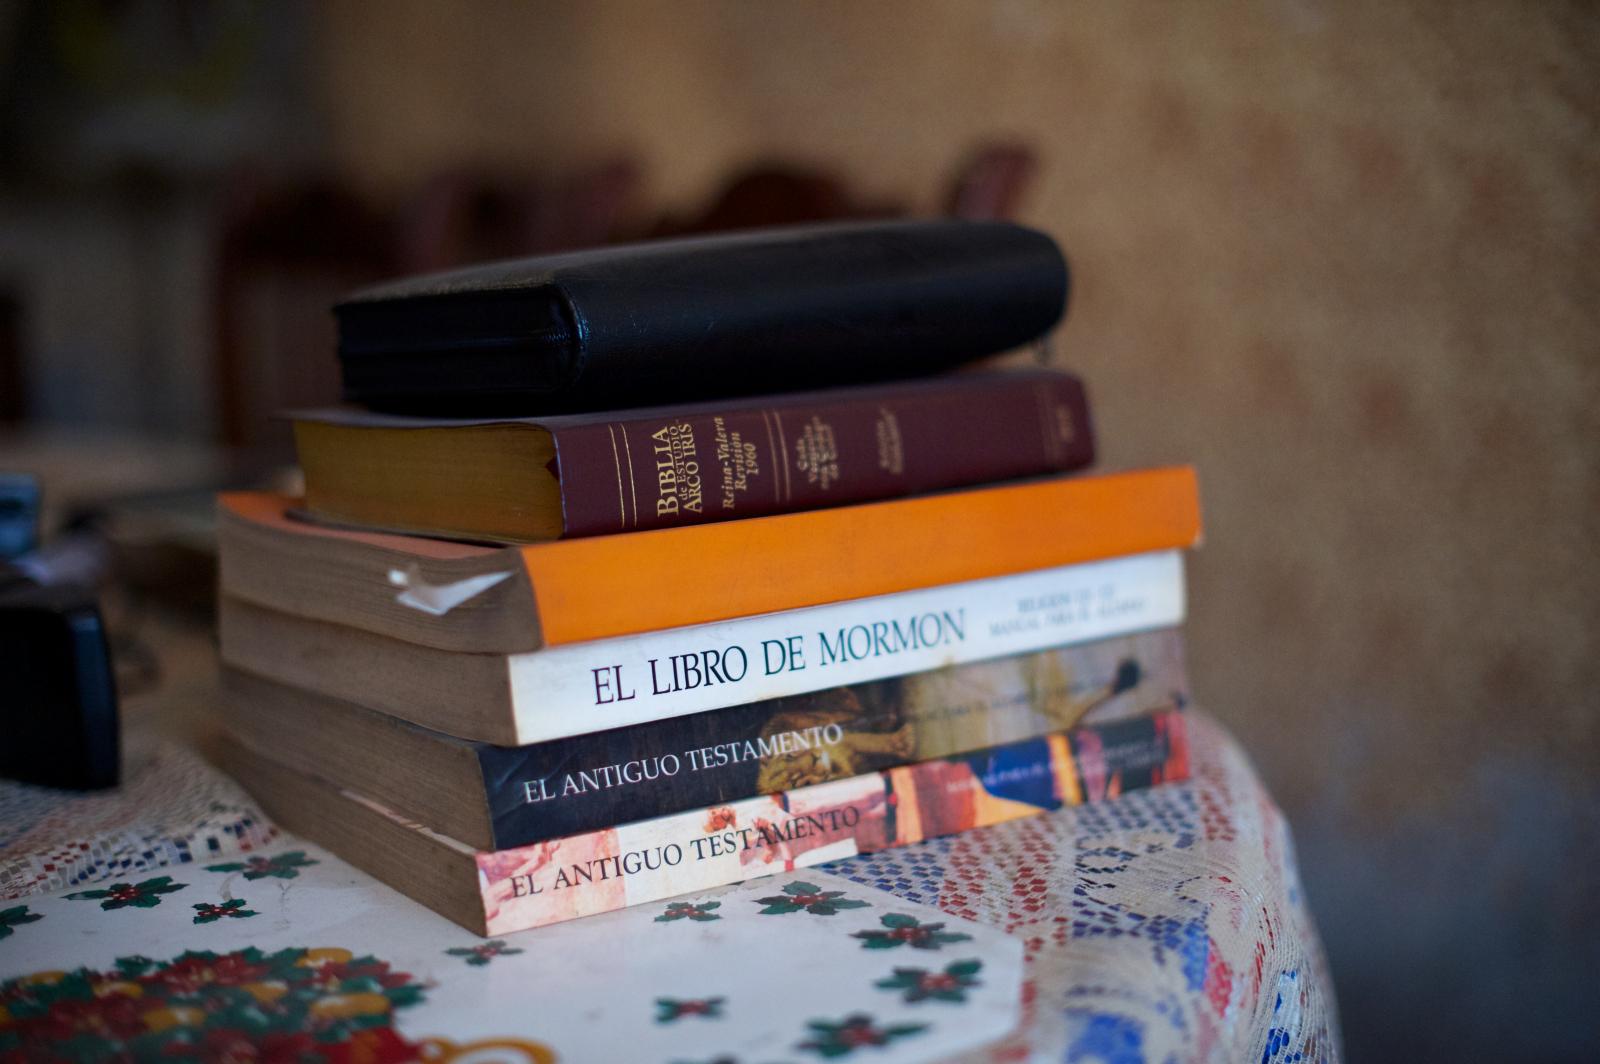 La iglesia comenz desde entonces a usar selecciones del libro para incluirlas en los manuales del sistema educativo uno de los m s utilizados es la